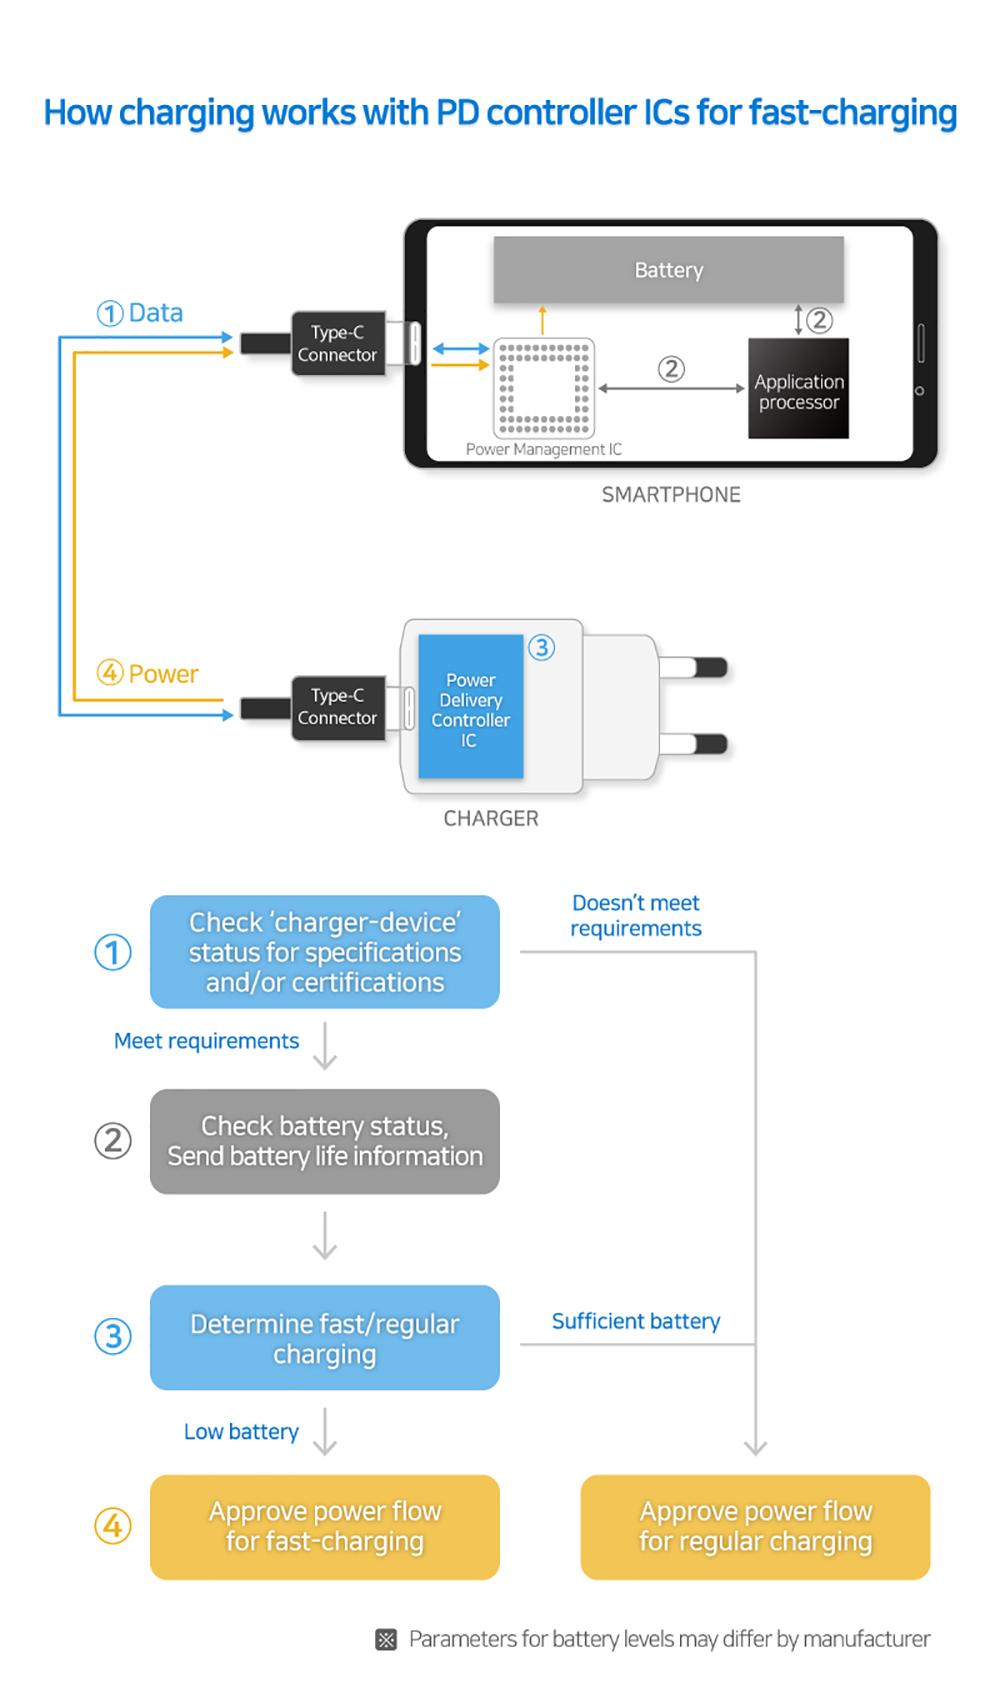 Samsung представляет новые USB-контроллеры питания для быстрой зарядки устройств